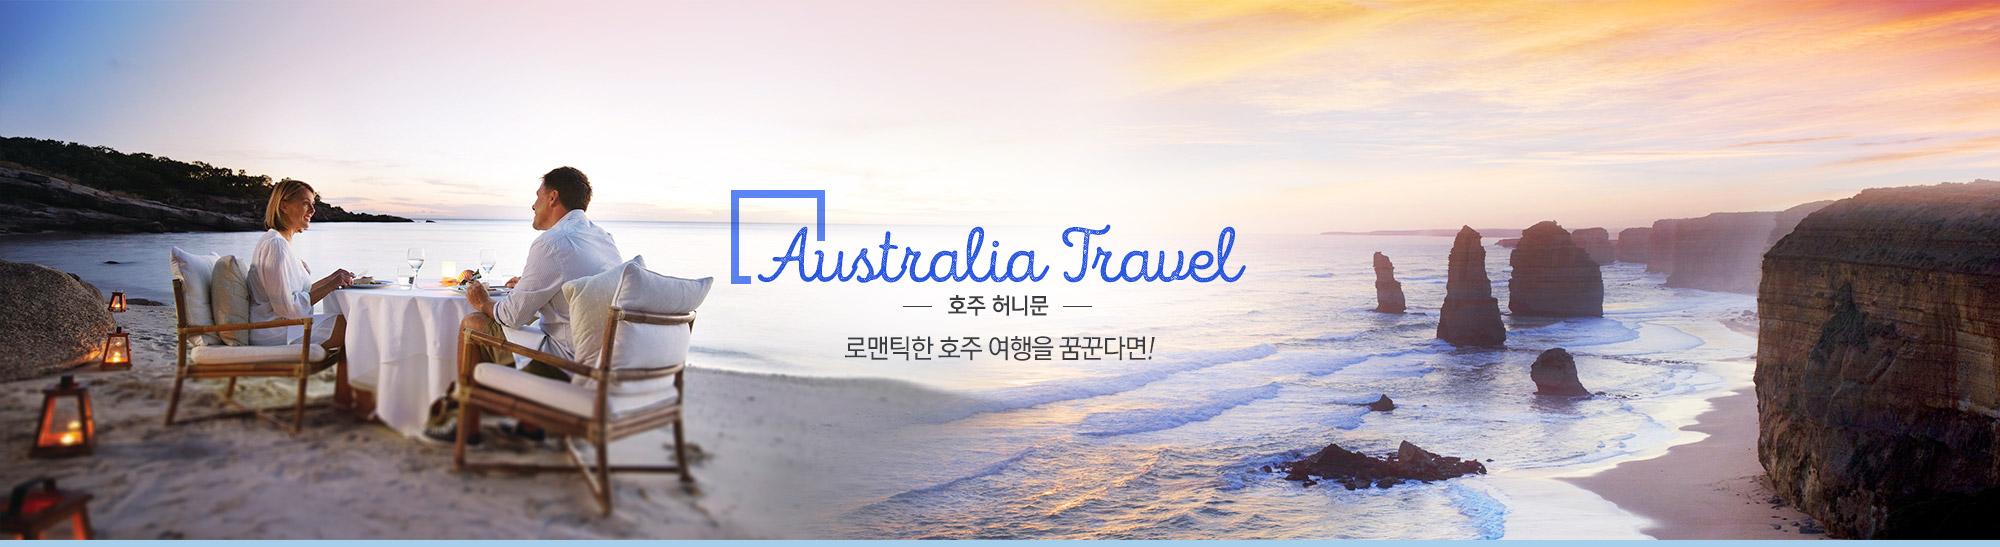 호주 허니문, 로맨틱한 호주여행을 꿈꾼다면!